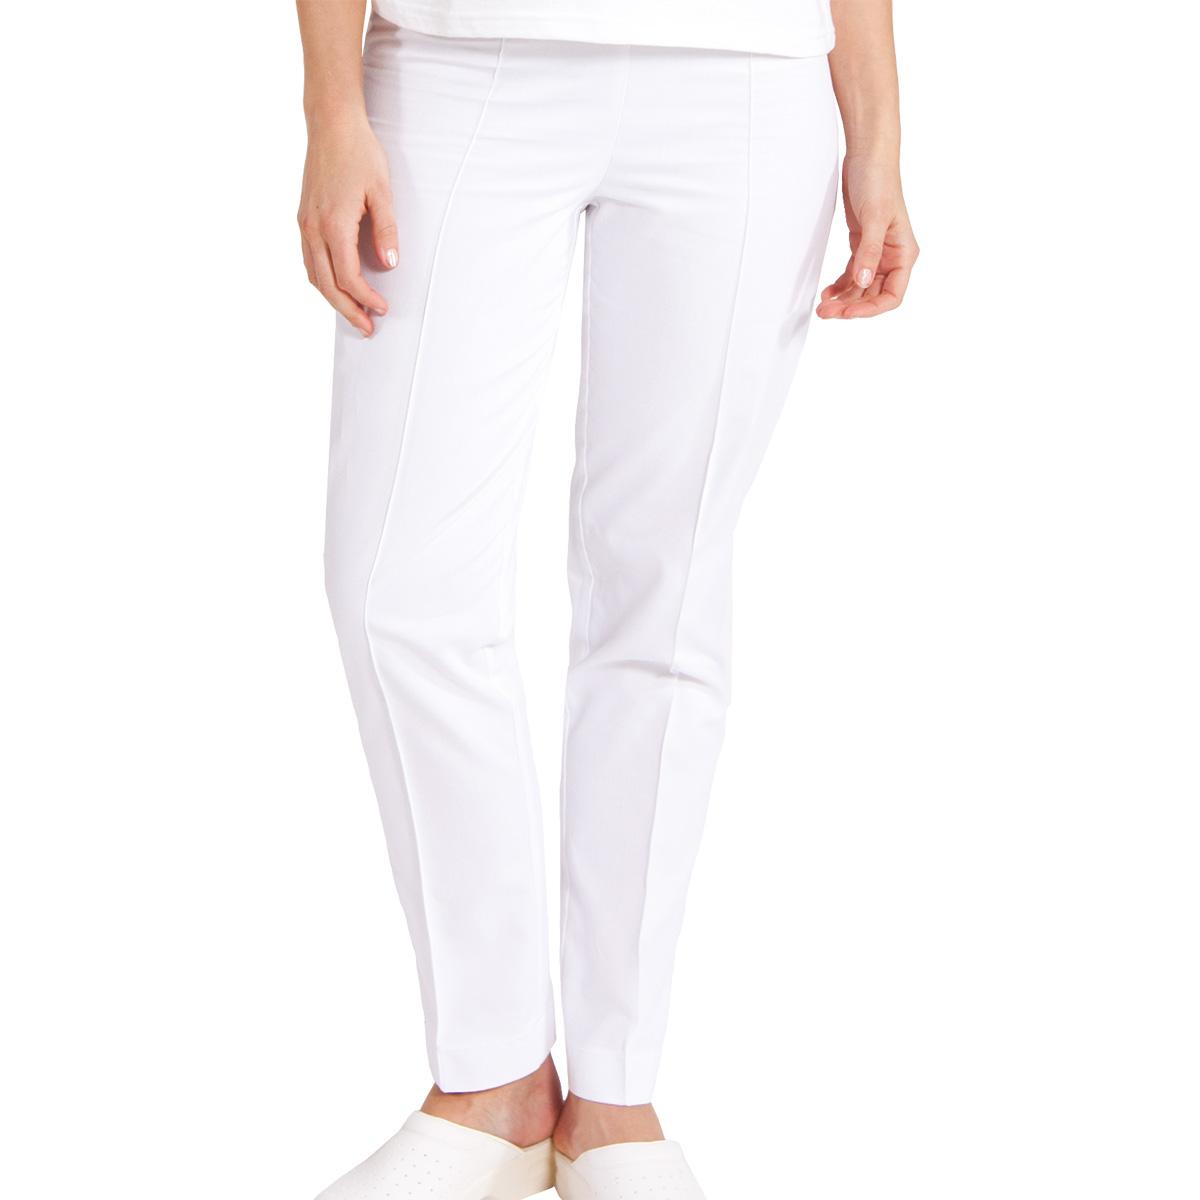 pantalone-sigaretta-bianco-donna